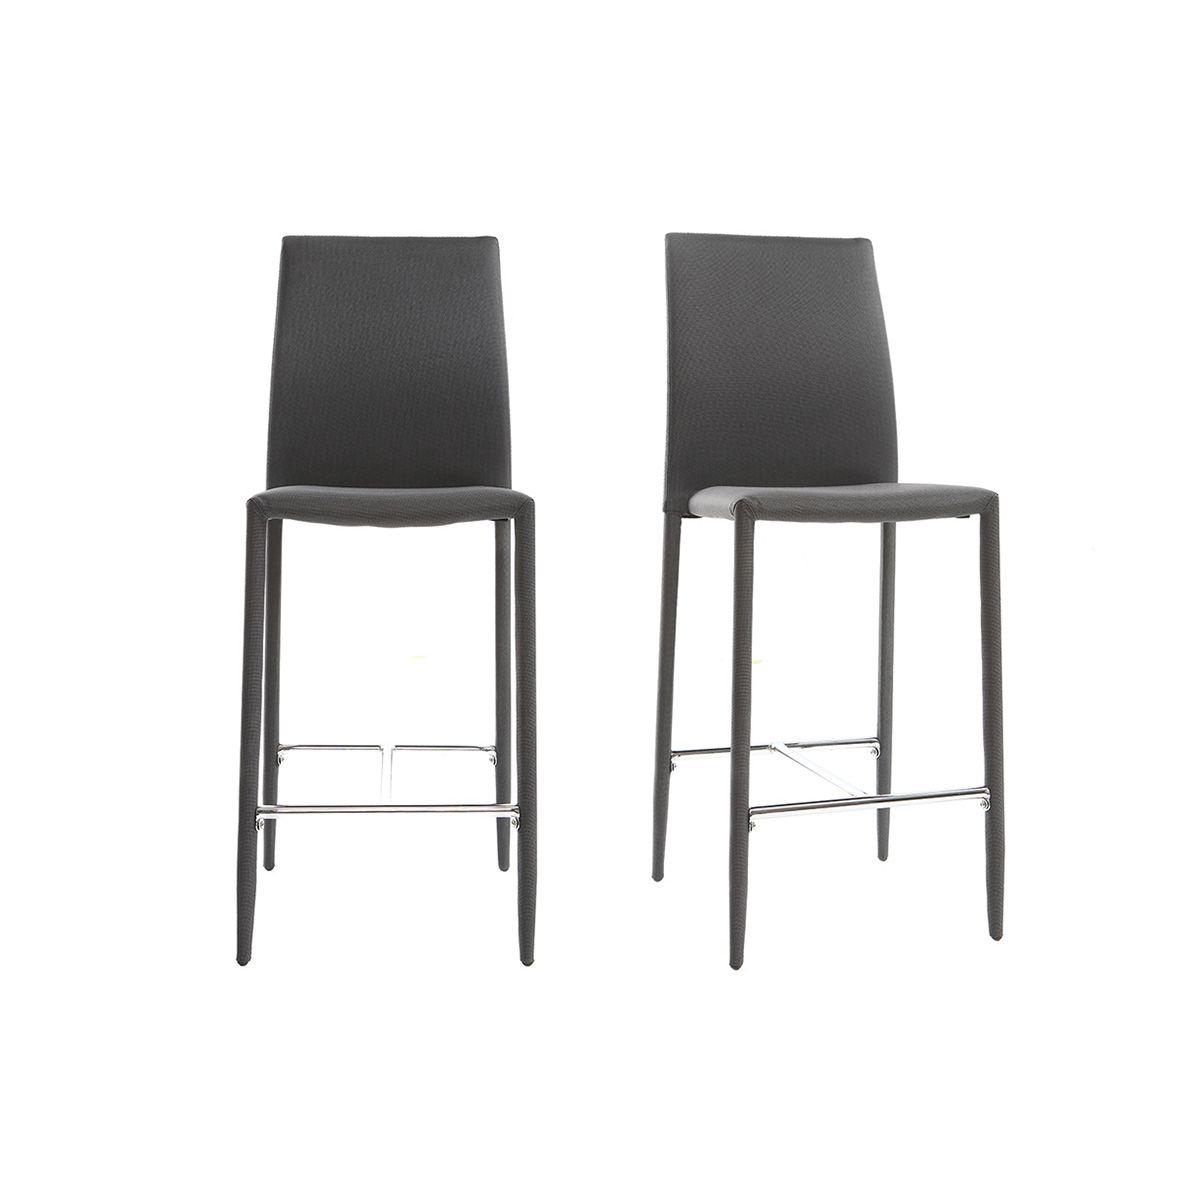 Dove acquistare Coppia di 2 sgabelli / sedie da bar design grigio antracite TALOS